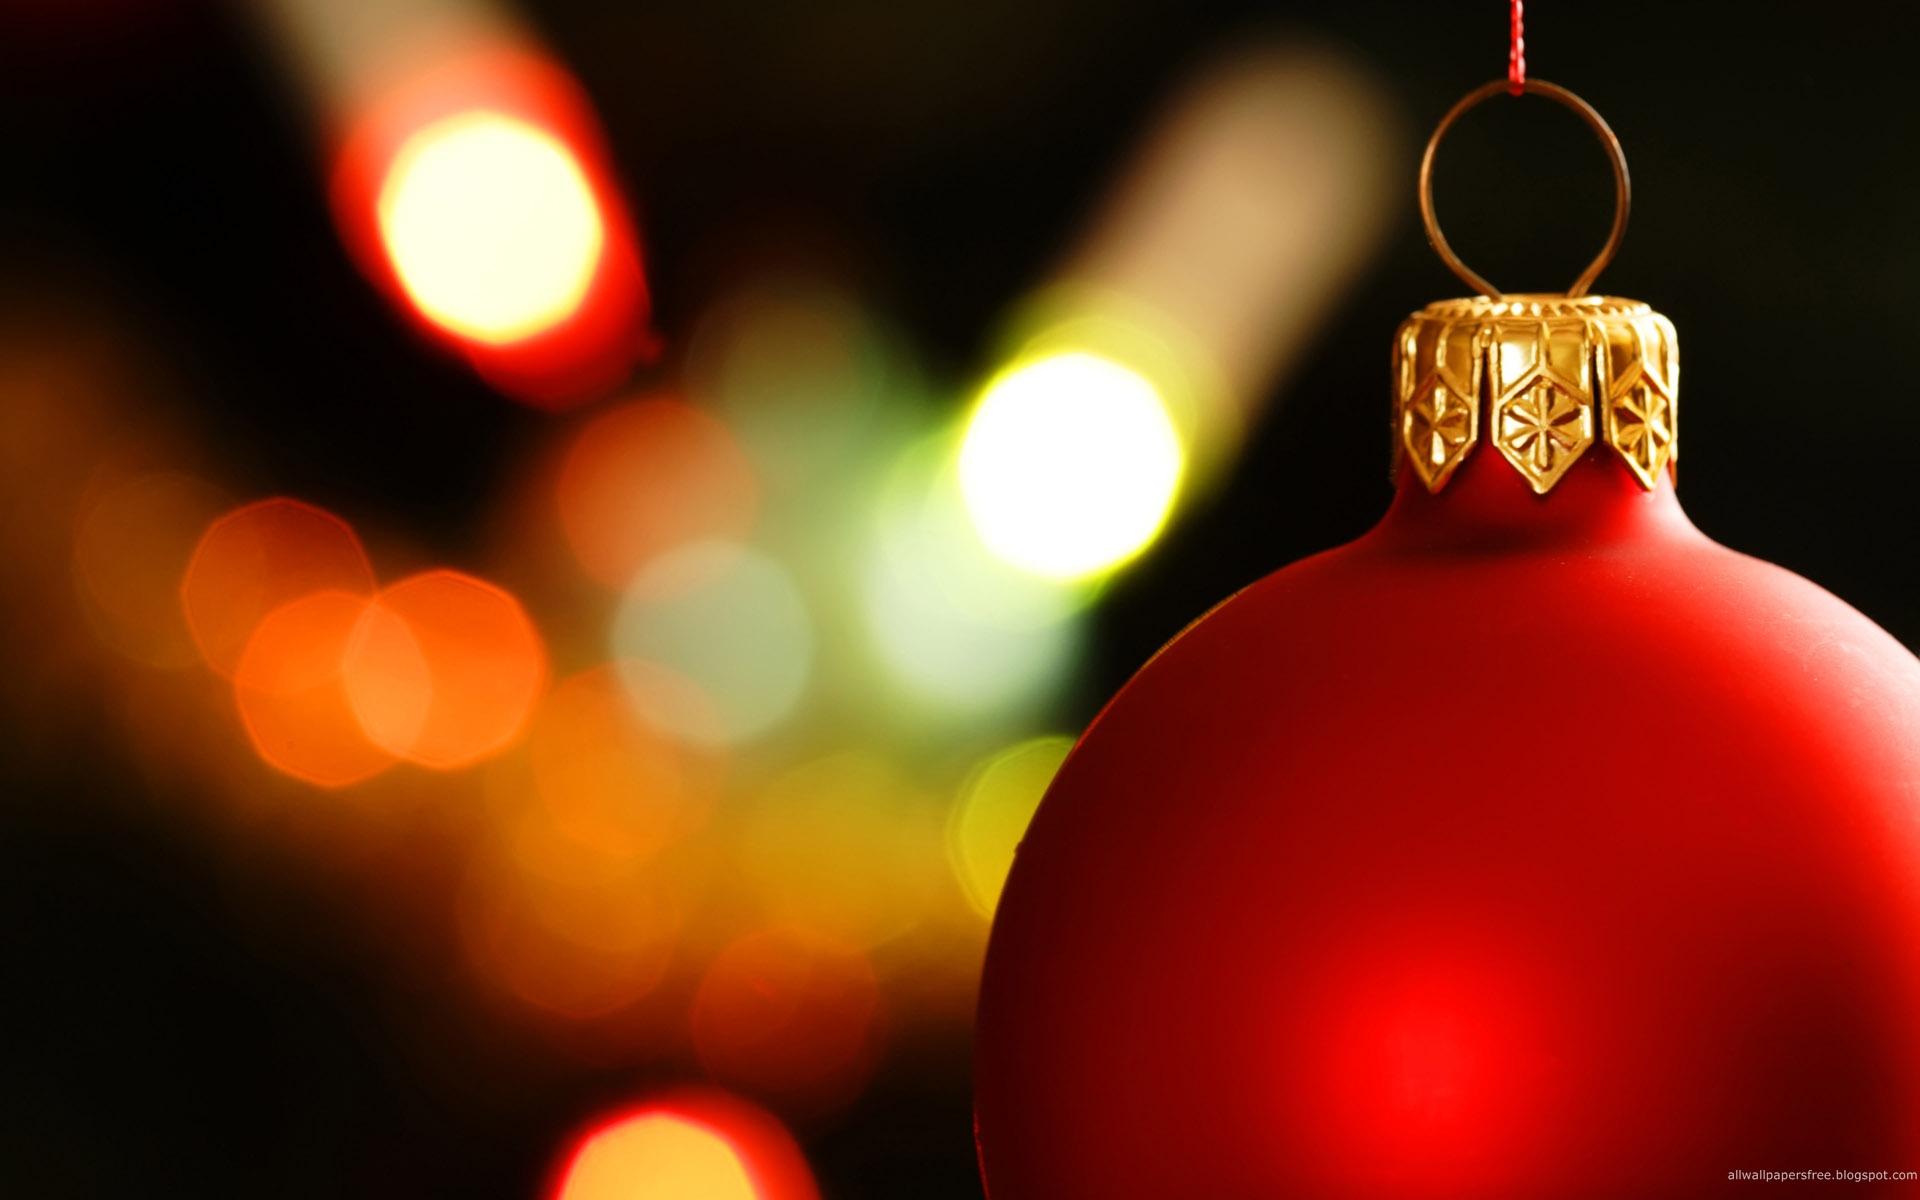 http://2.bp.blogspot.com/_w8vdEmYC4Kc/TRrNCOYEKQI/AAAAAAAAAh4/UBA-IKTA5oo/d/Christmas+Balls_014_%255Bby+HRWalls%255D.jpg